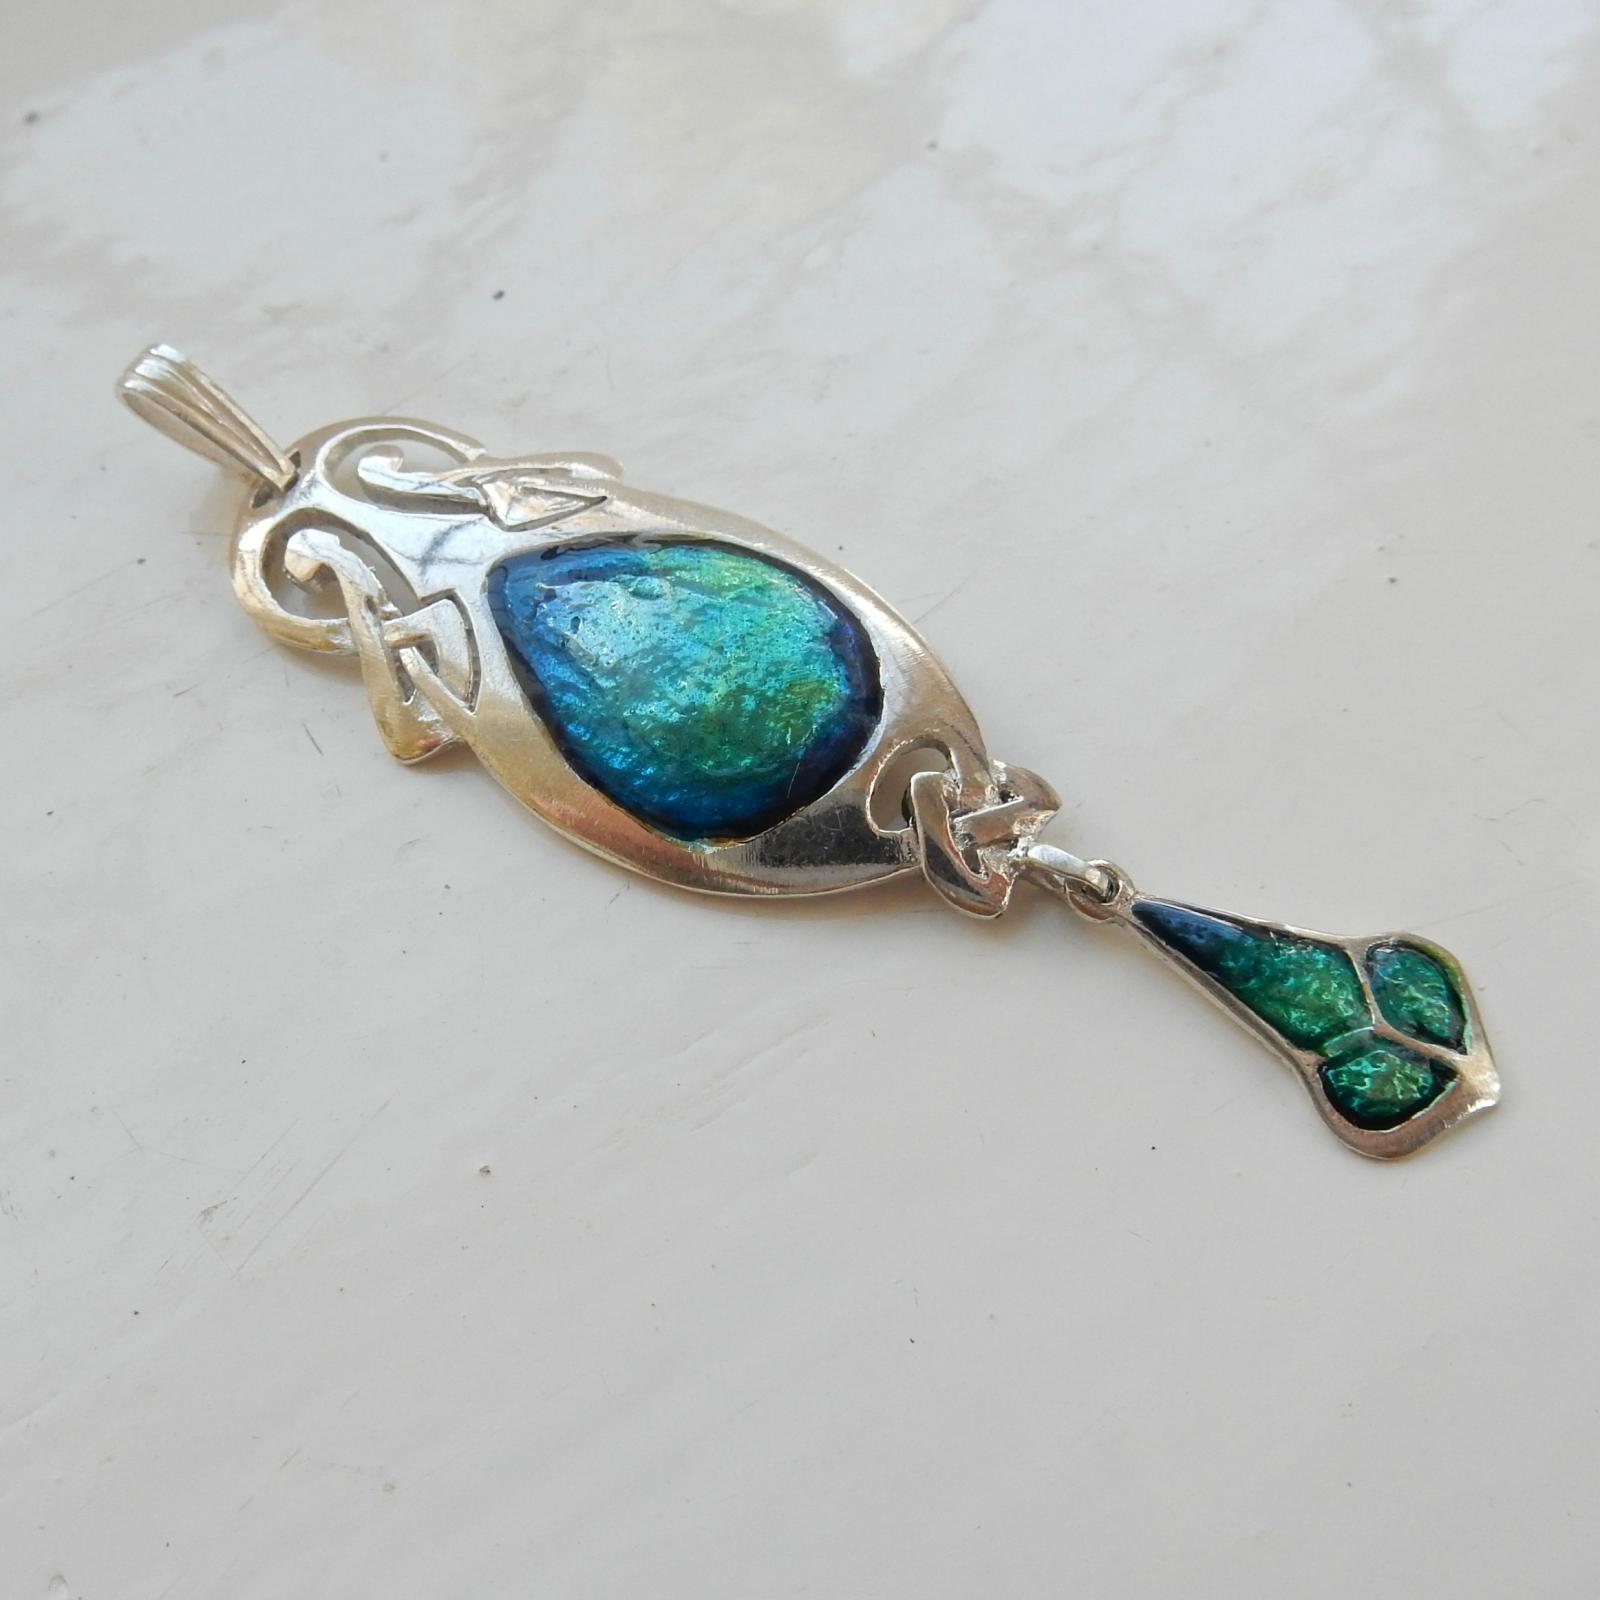 Photo of Art Nouveau Iridescent Enamel Pendant